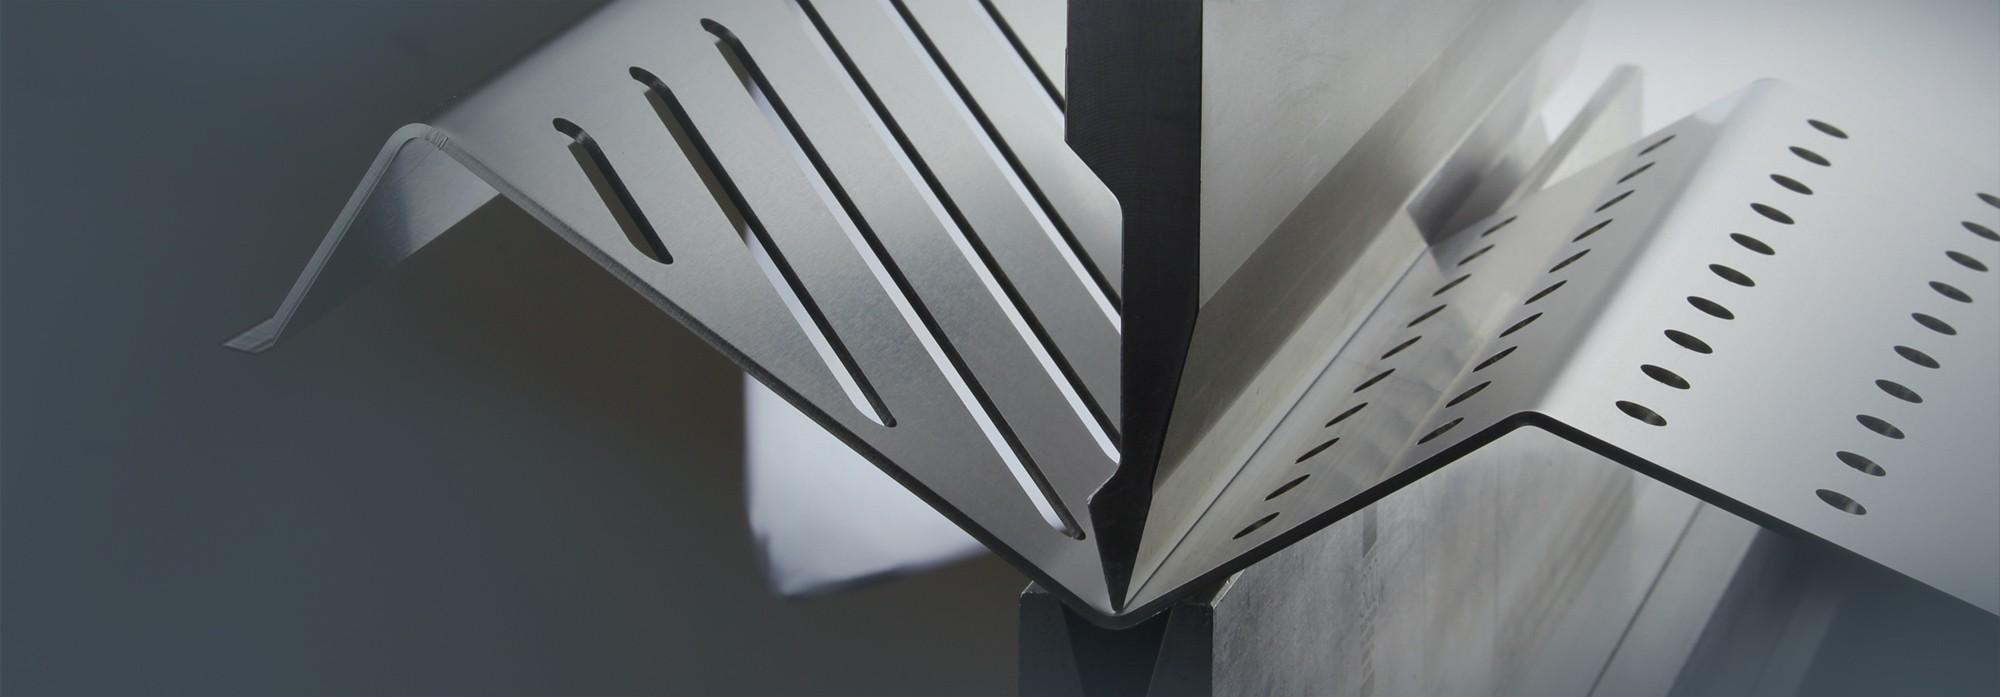 Fabrication de pieces de metal sur demande